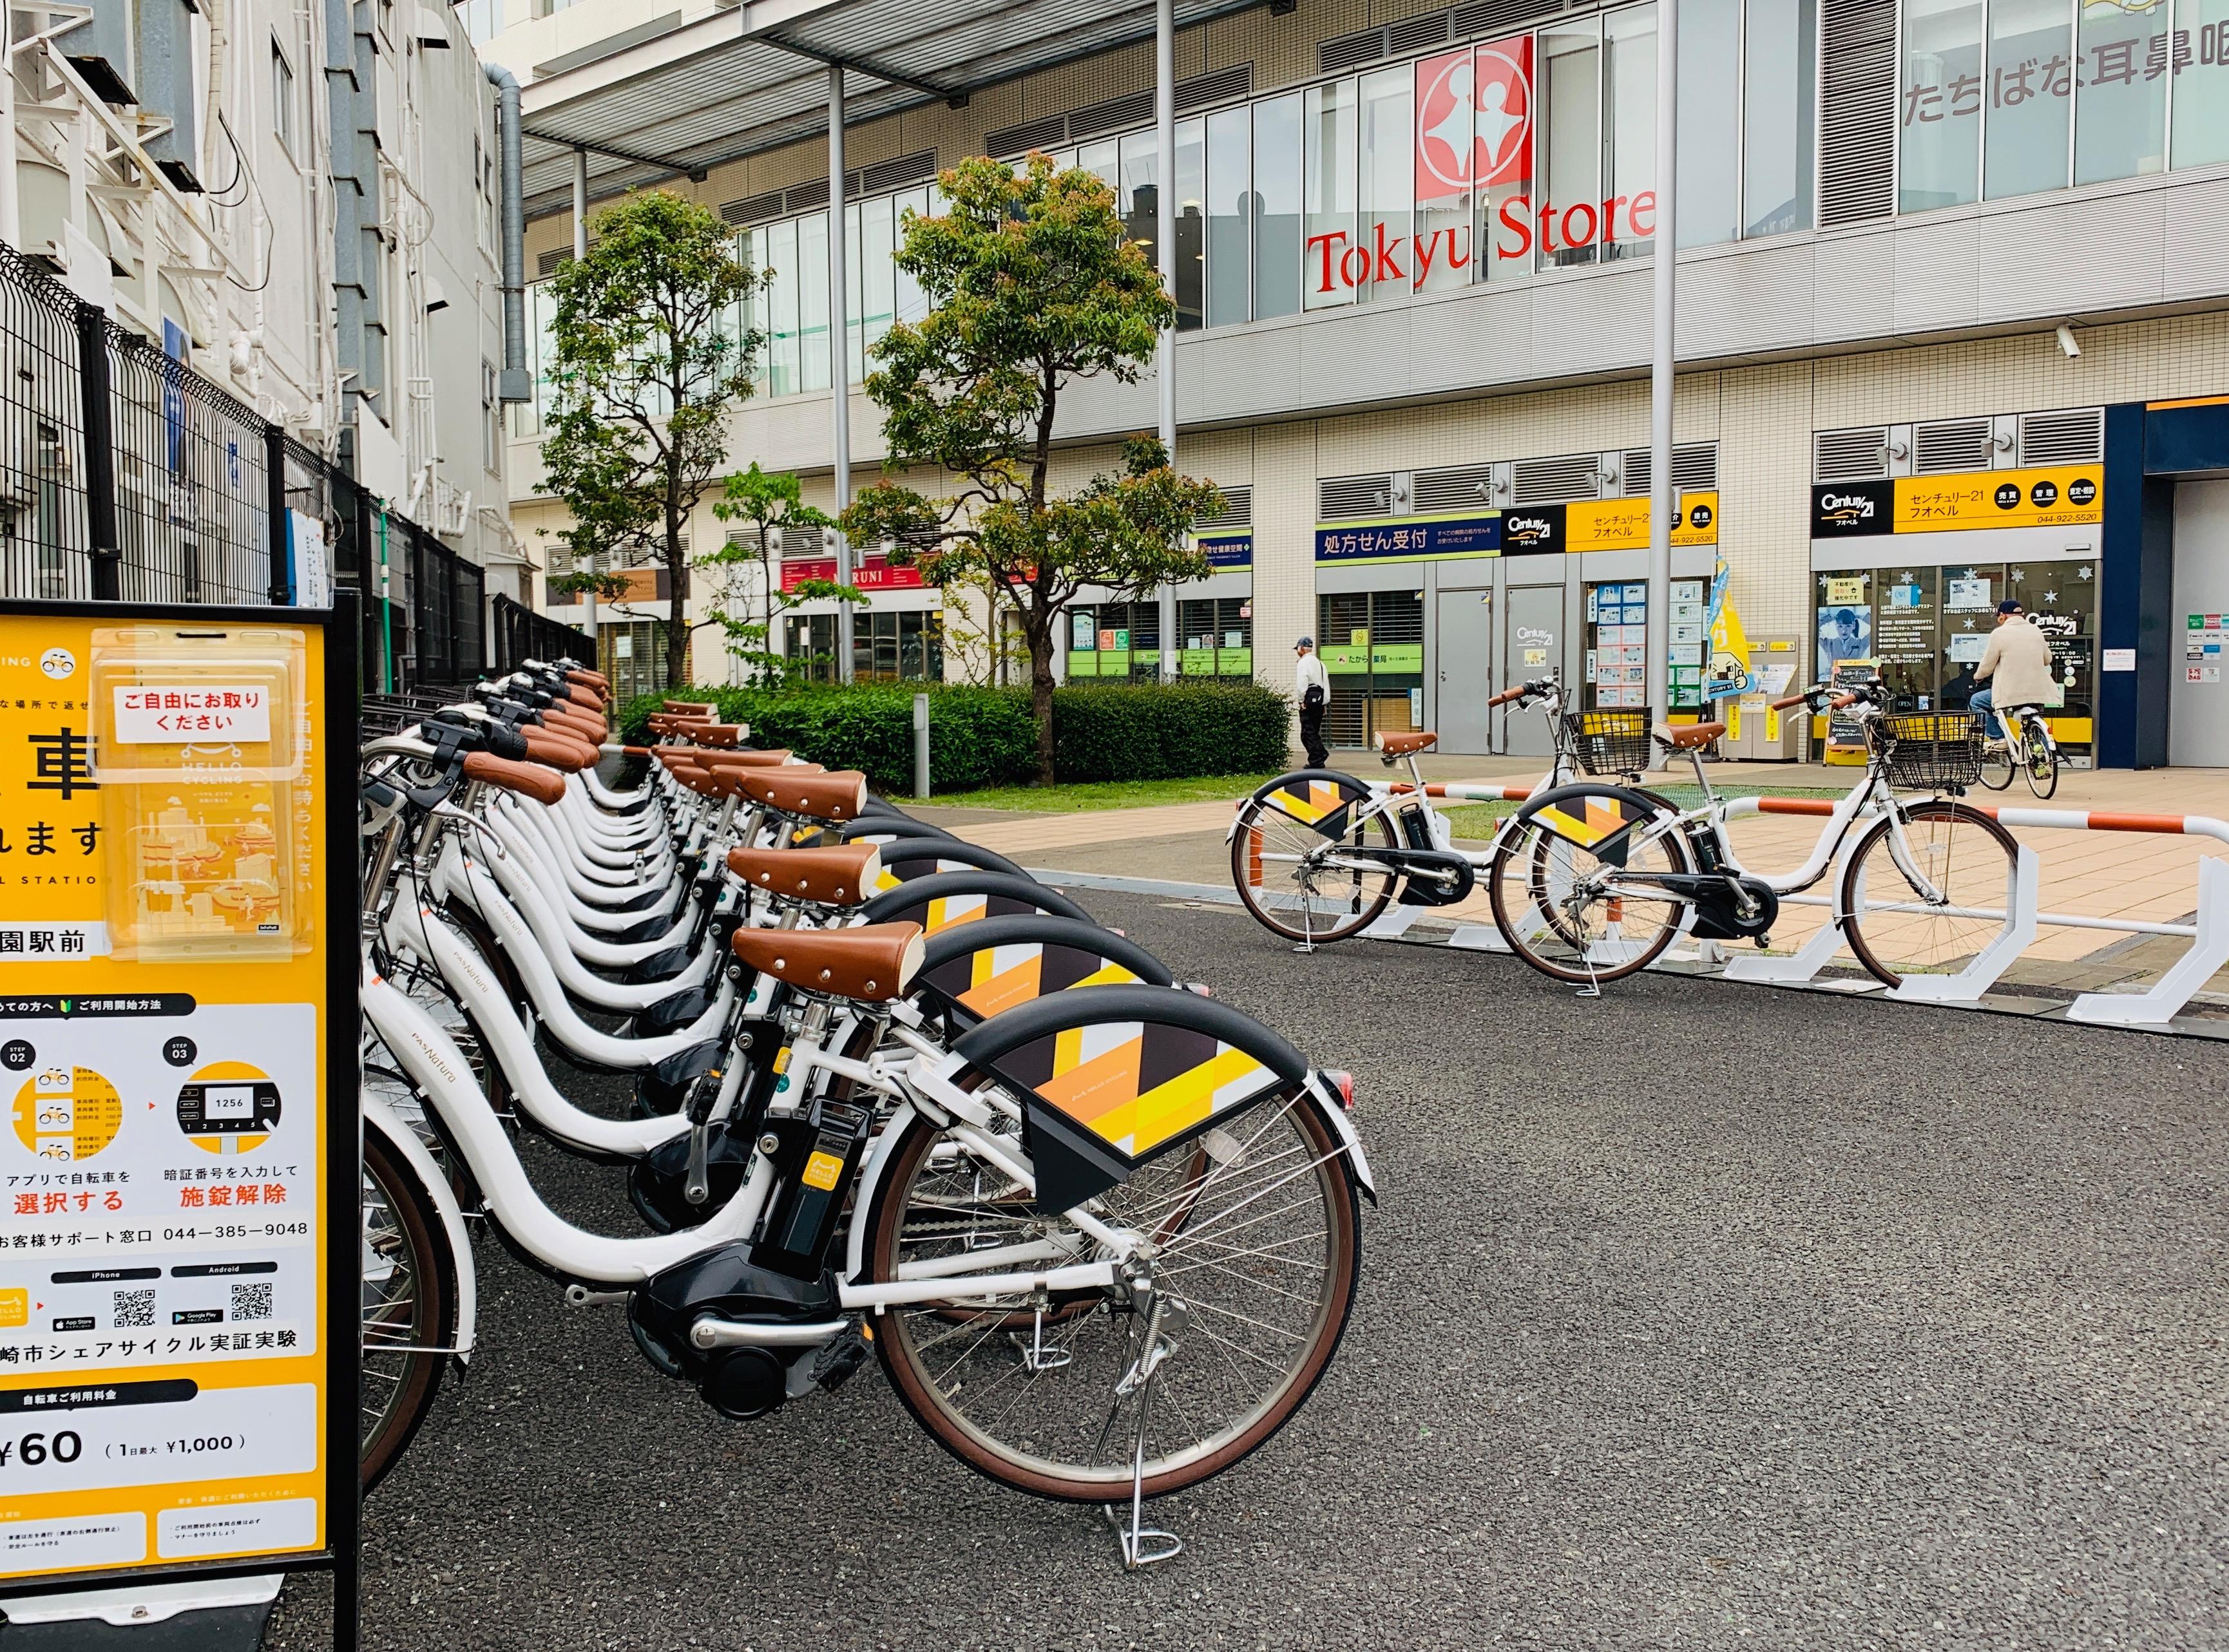 向ヶ丘遊園駅前 (HELLO CYCLING ポート) image